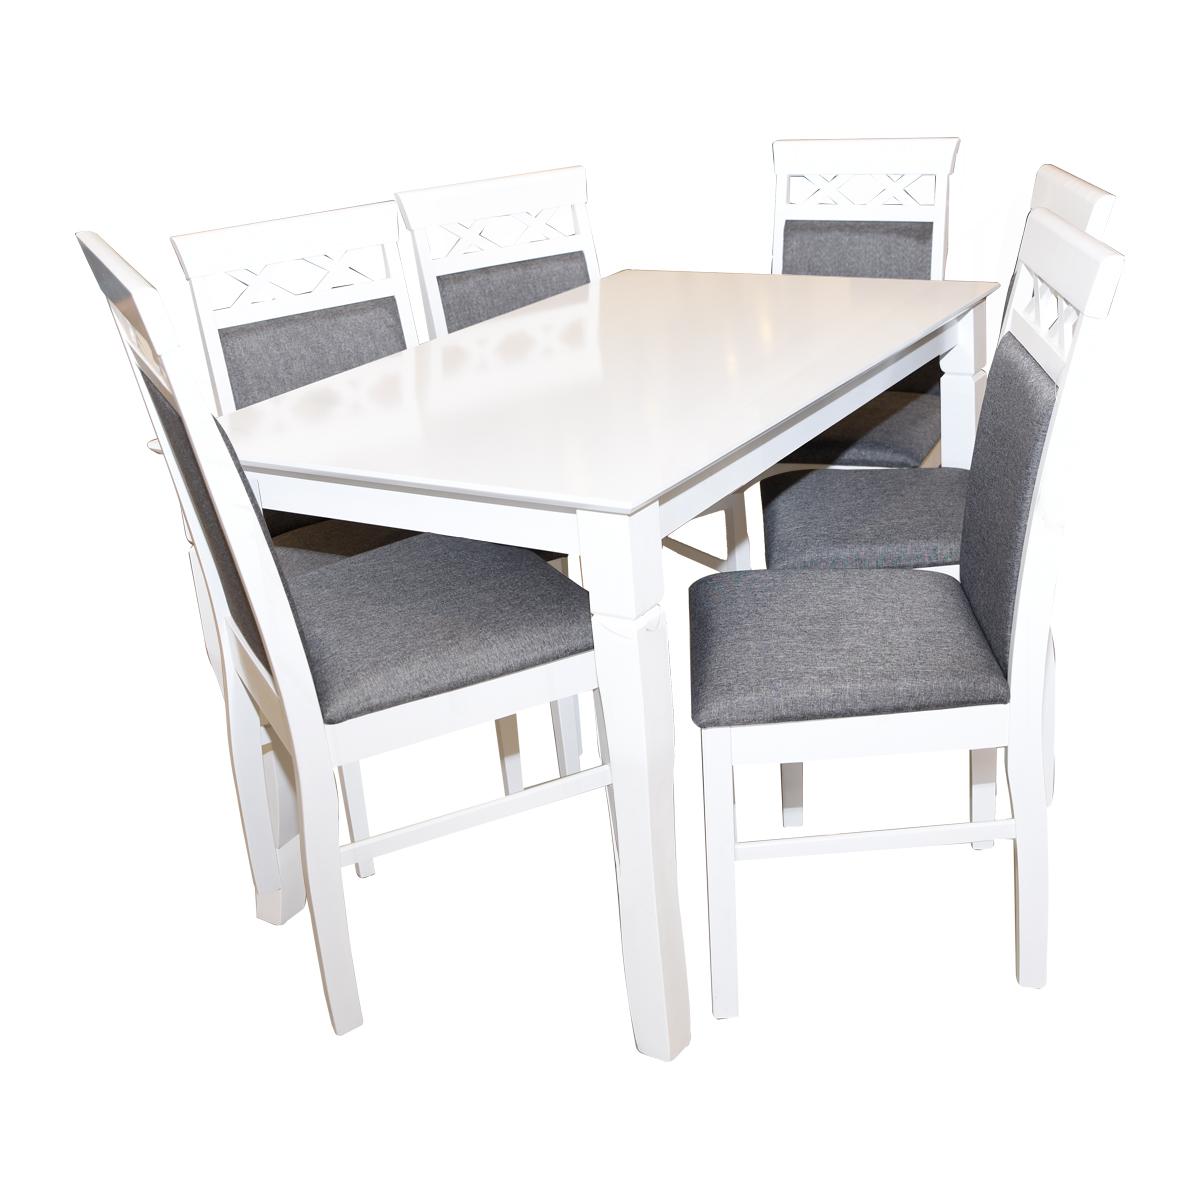 طاولة طعام خشبية مع 6 كرسي  - لون ابيض - صنع ماليزي